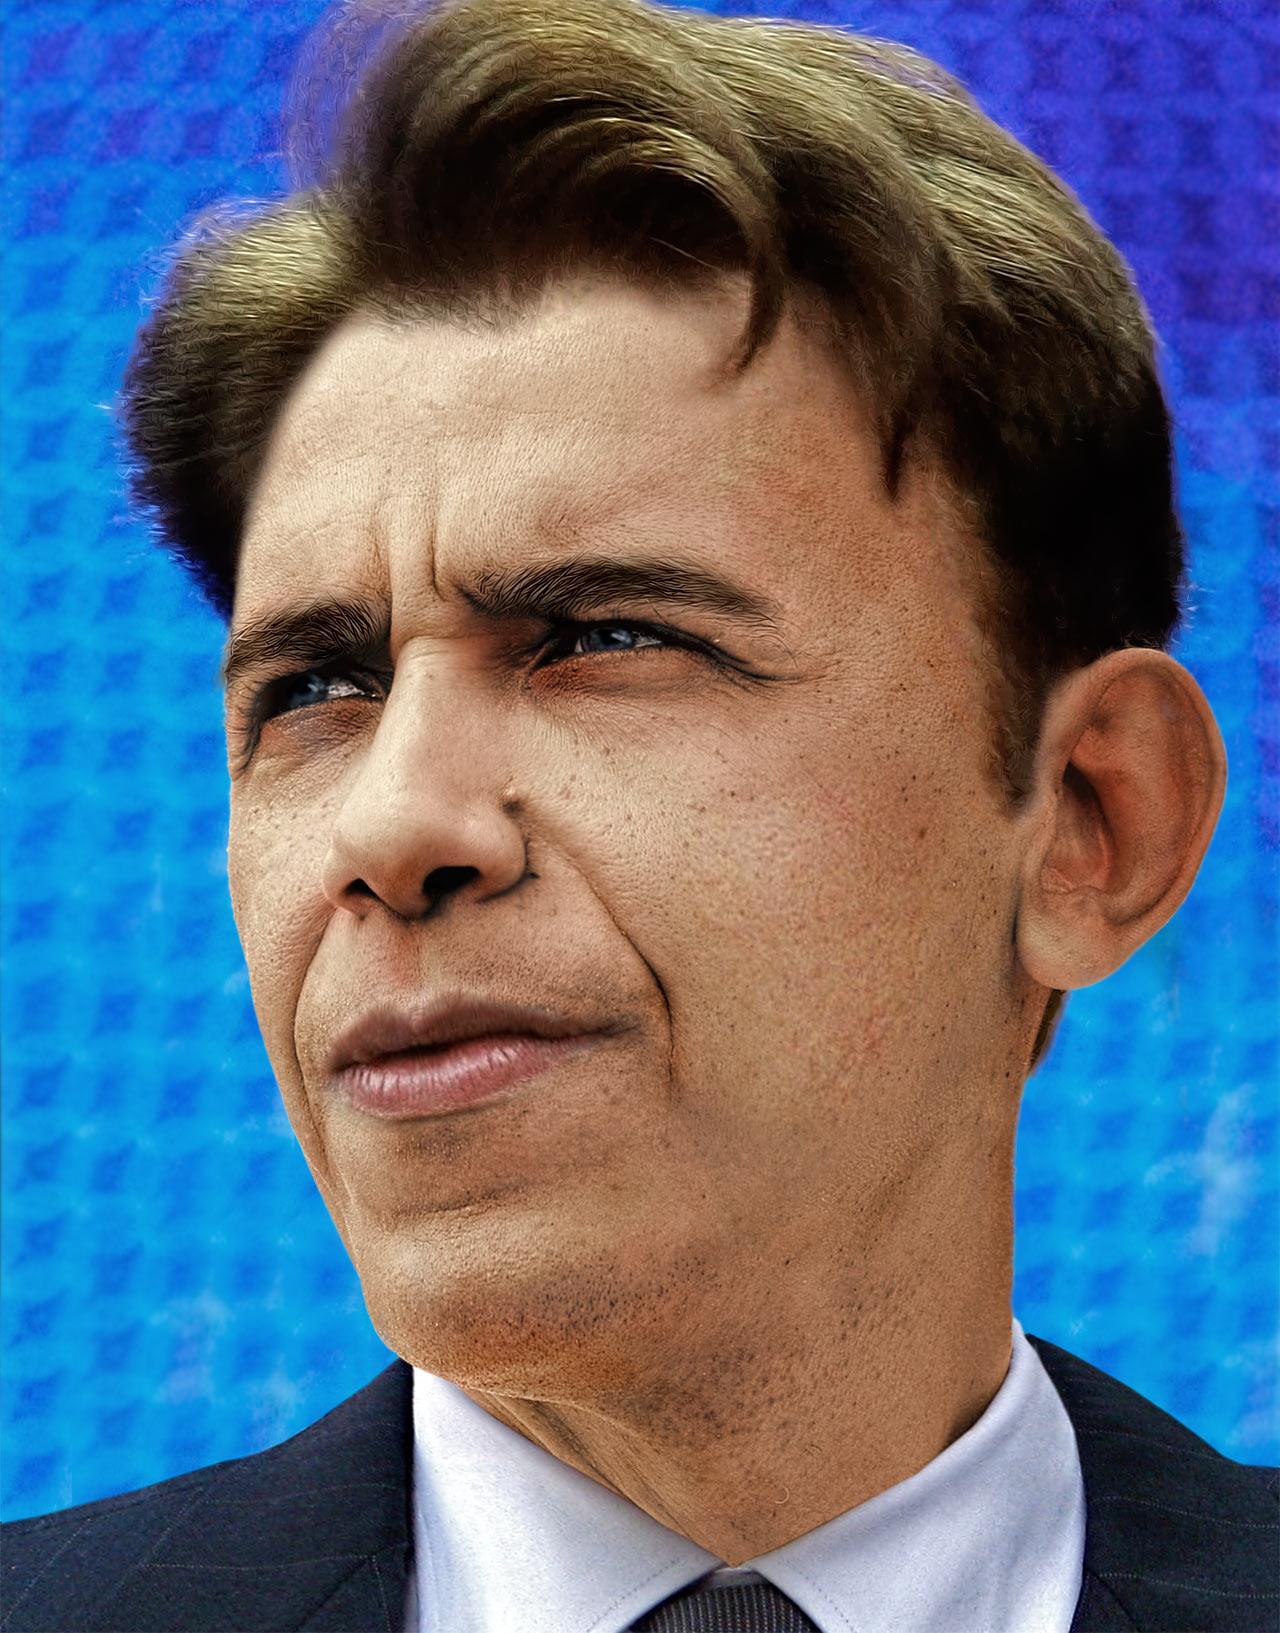 Barack Obama pike